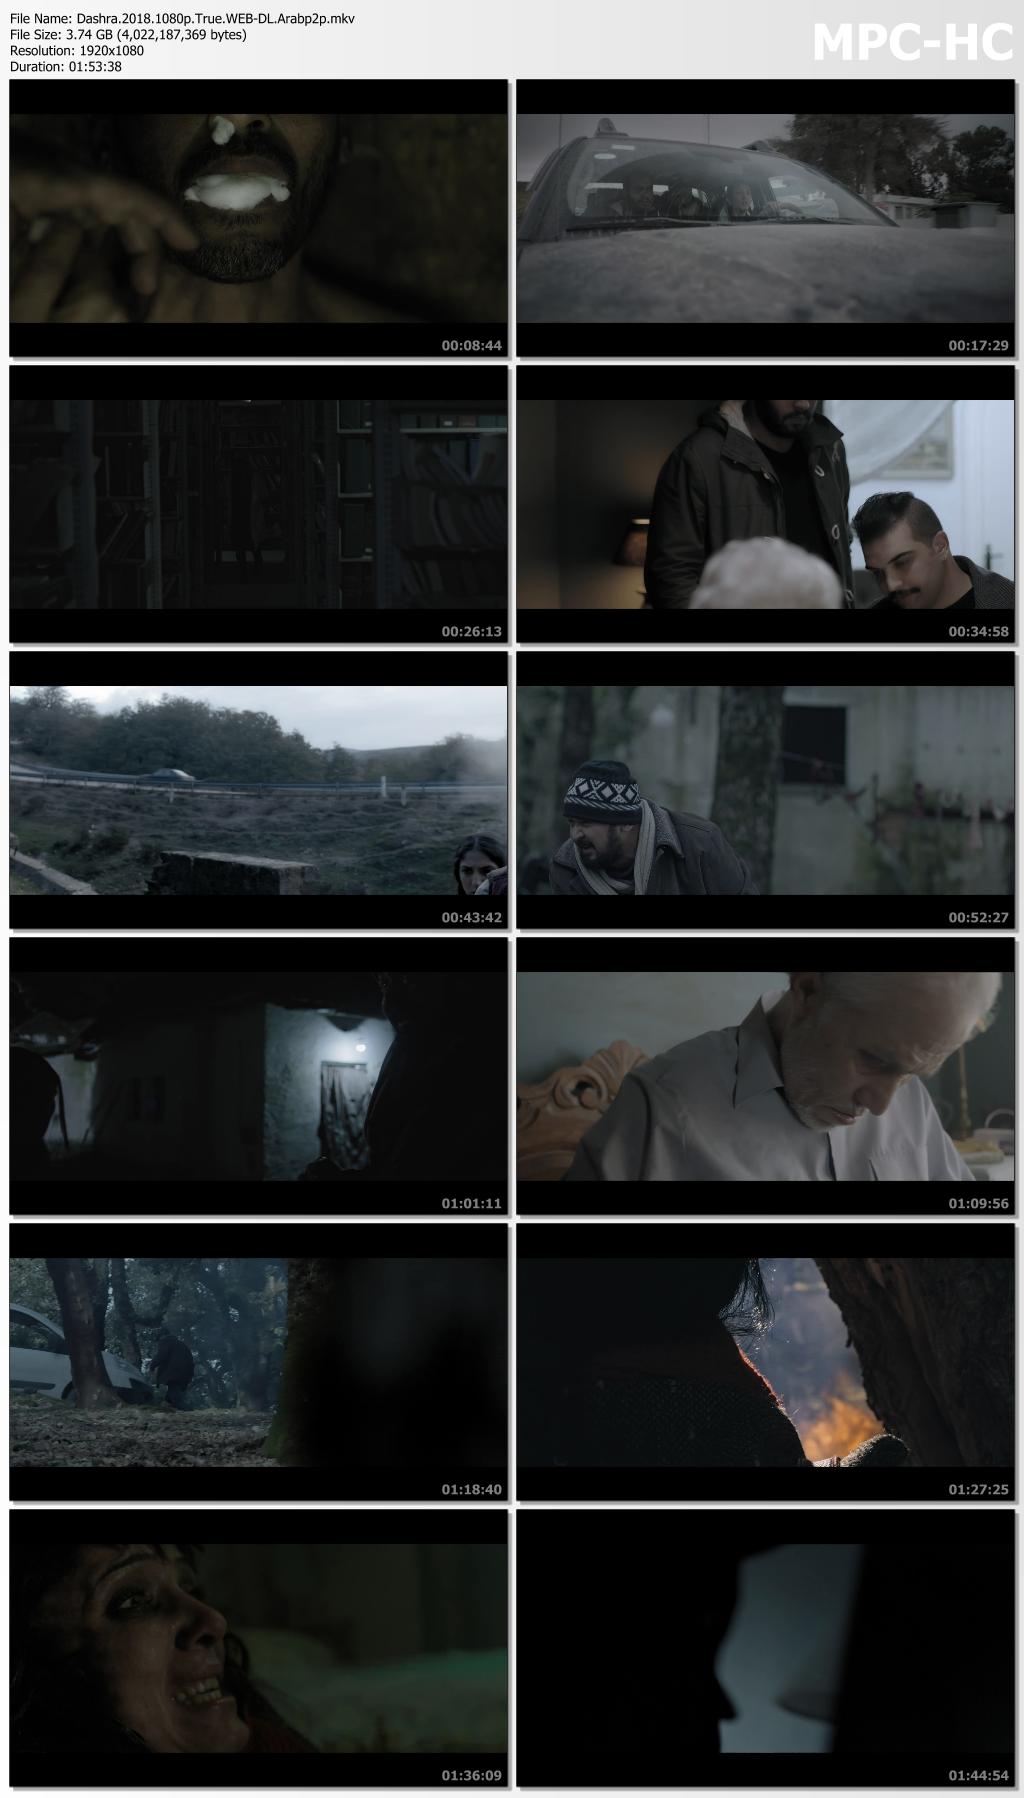 [فيلم][تورنت][تحميل][دشرة][2018][1080p][Web-DL][تونسي] 4 arabp2p.com